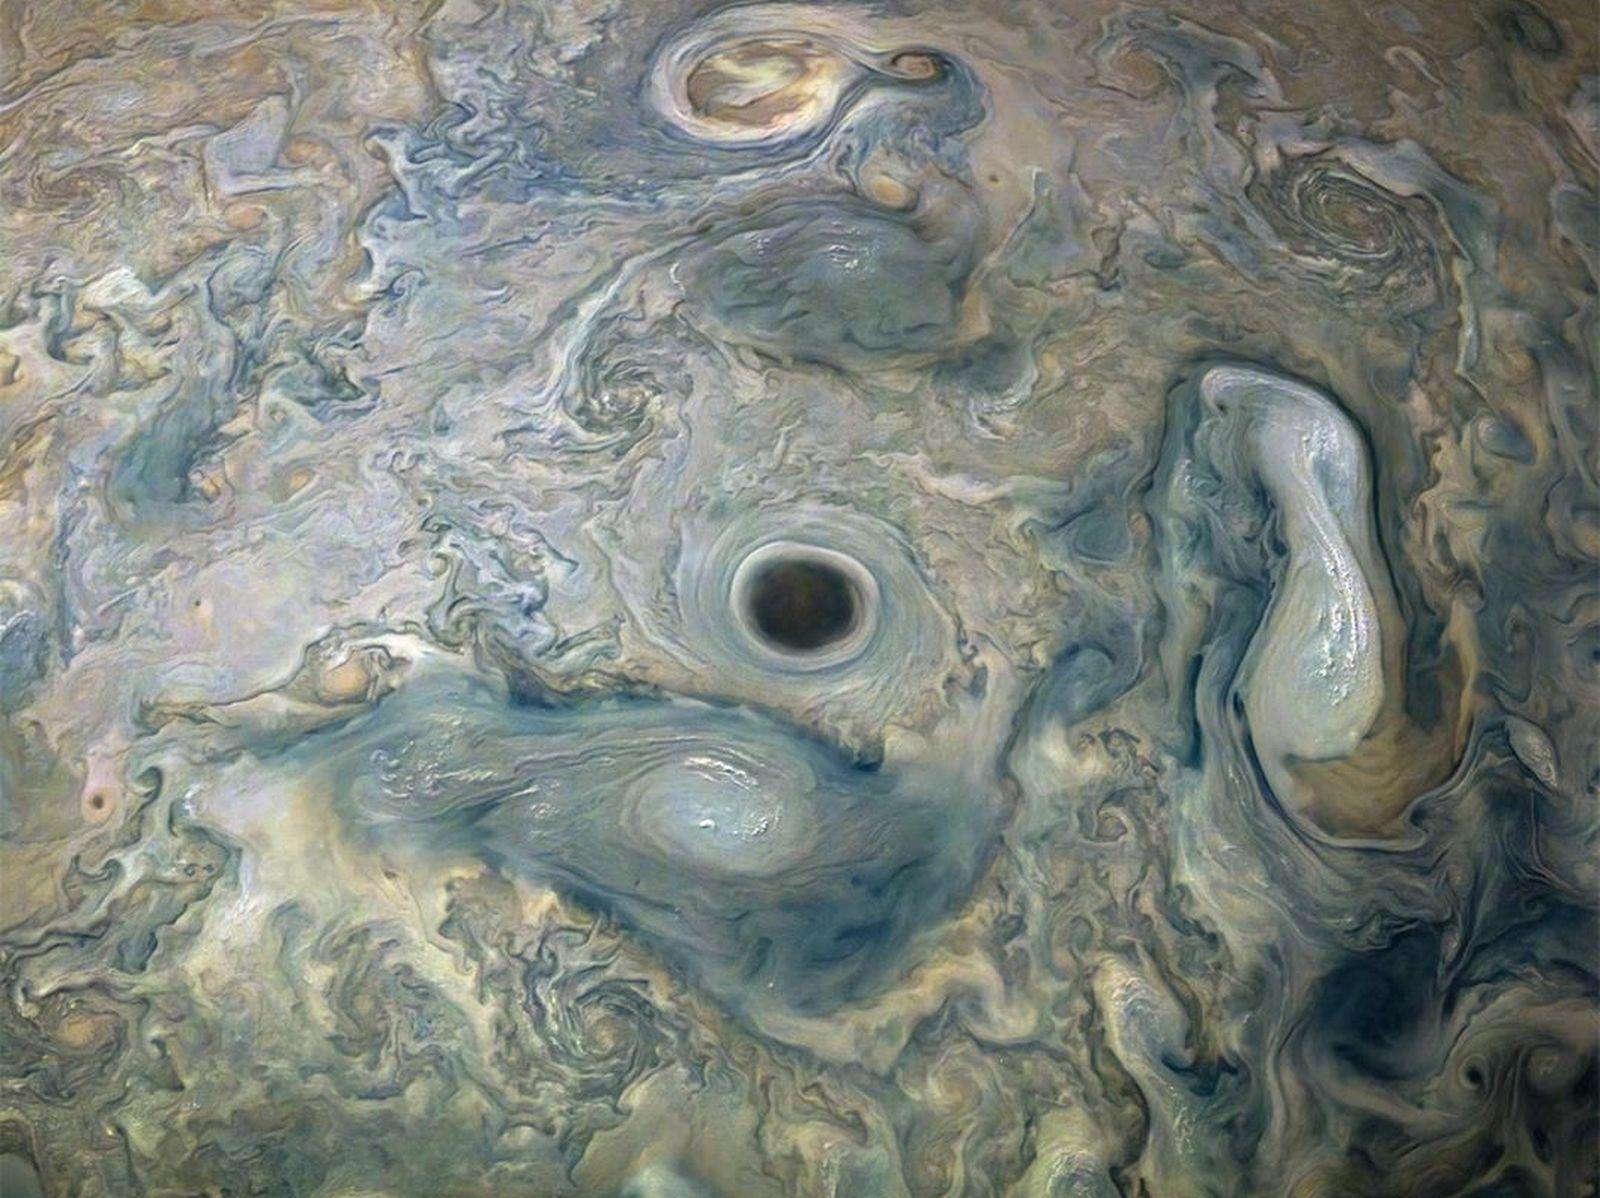 Sonda espacial Juno da NASA captura vórtice intensamente escuro em Júpiter